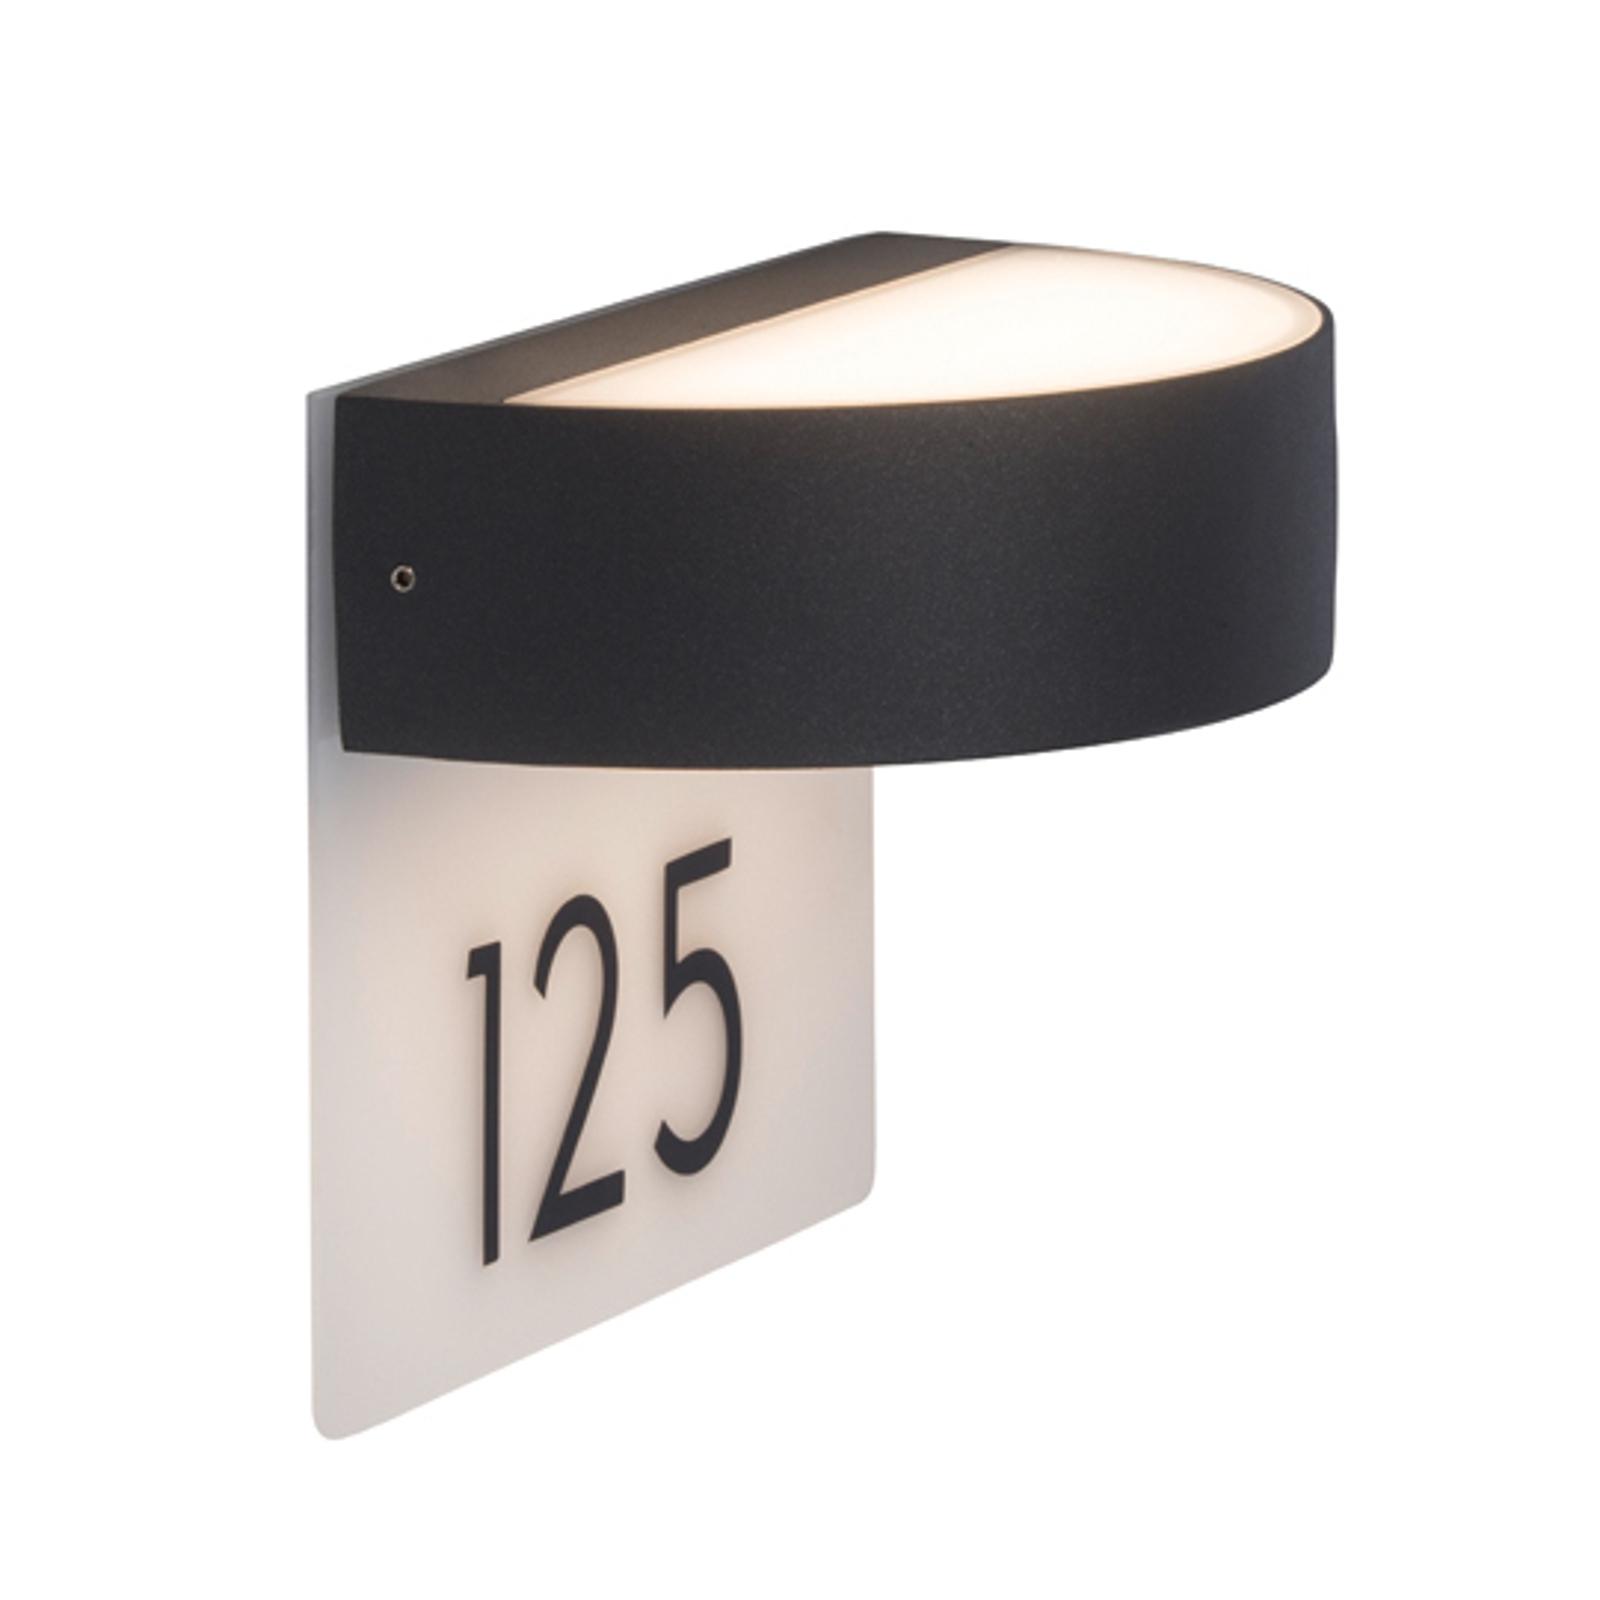 Elegant husnummerlampe Monido